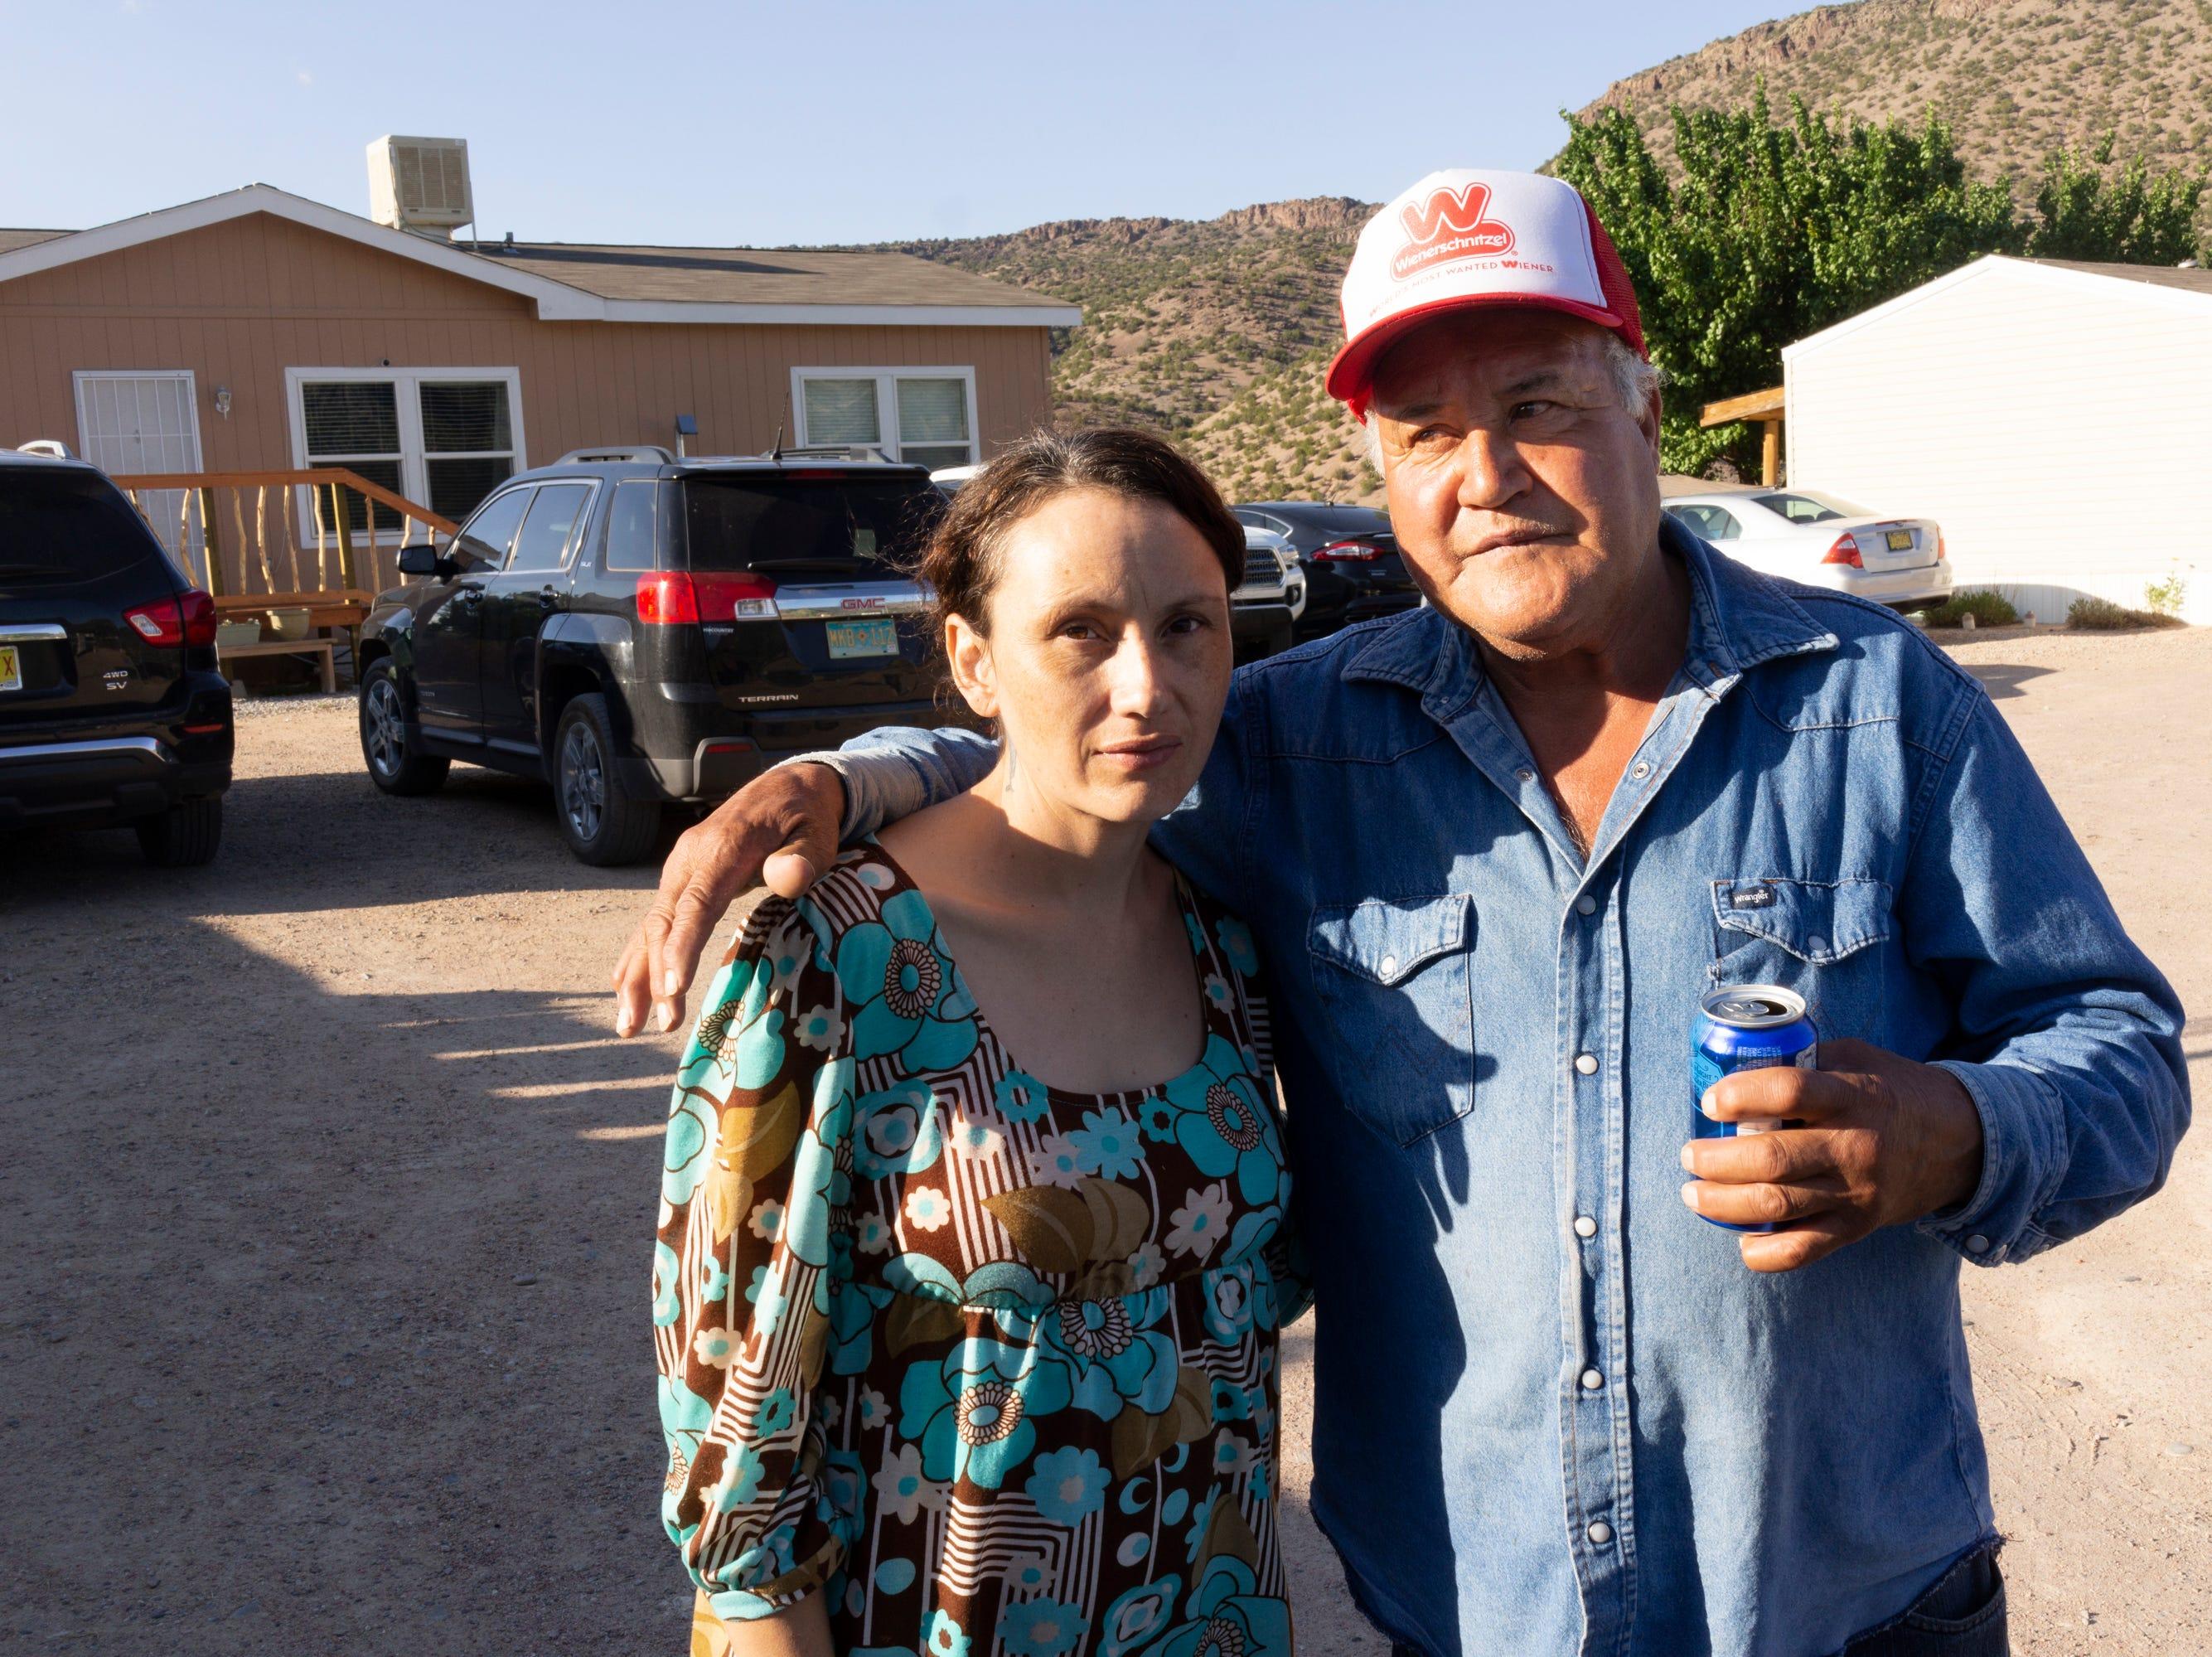 Emilia with her father, Emilio, in Cañones.